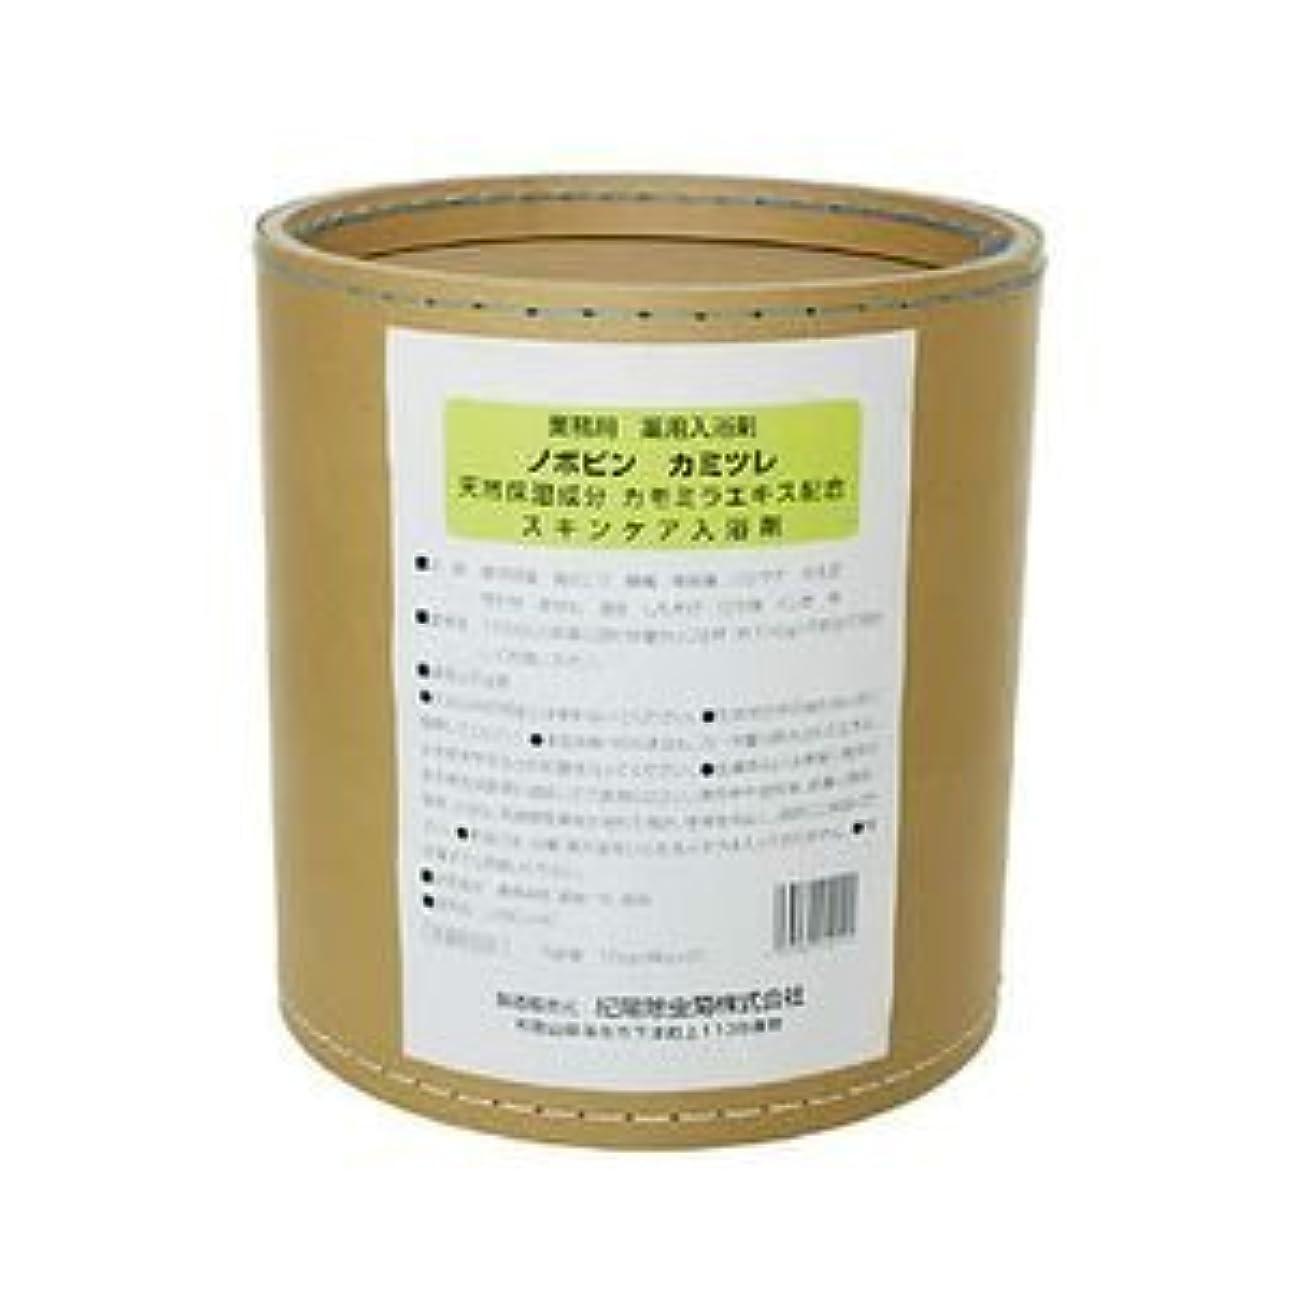 表現前奏曲天業務用 バス 入浴剤 ノボピン カミツレ 16kg(8kg+2)